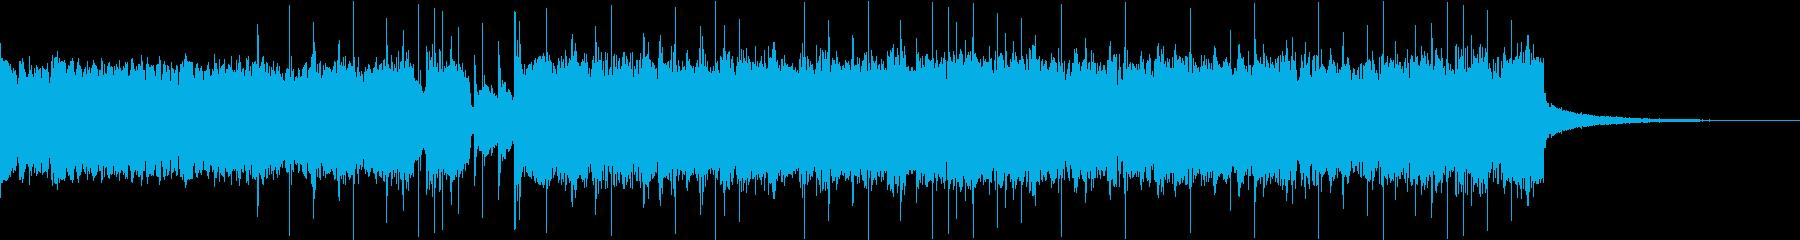 ミリタリー風ヘビーメタルループの再生済みの波形